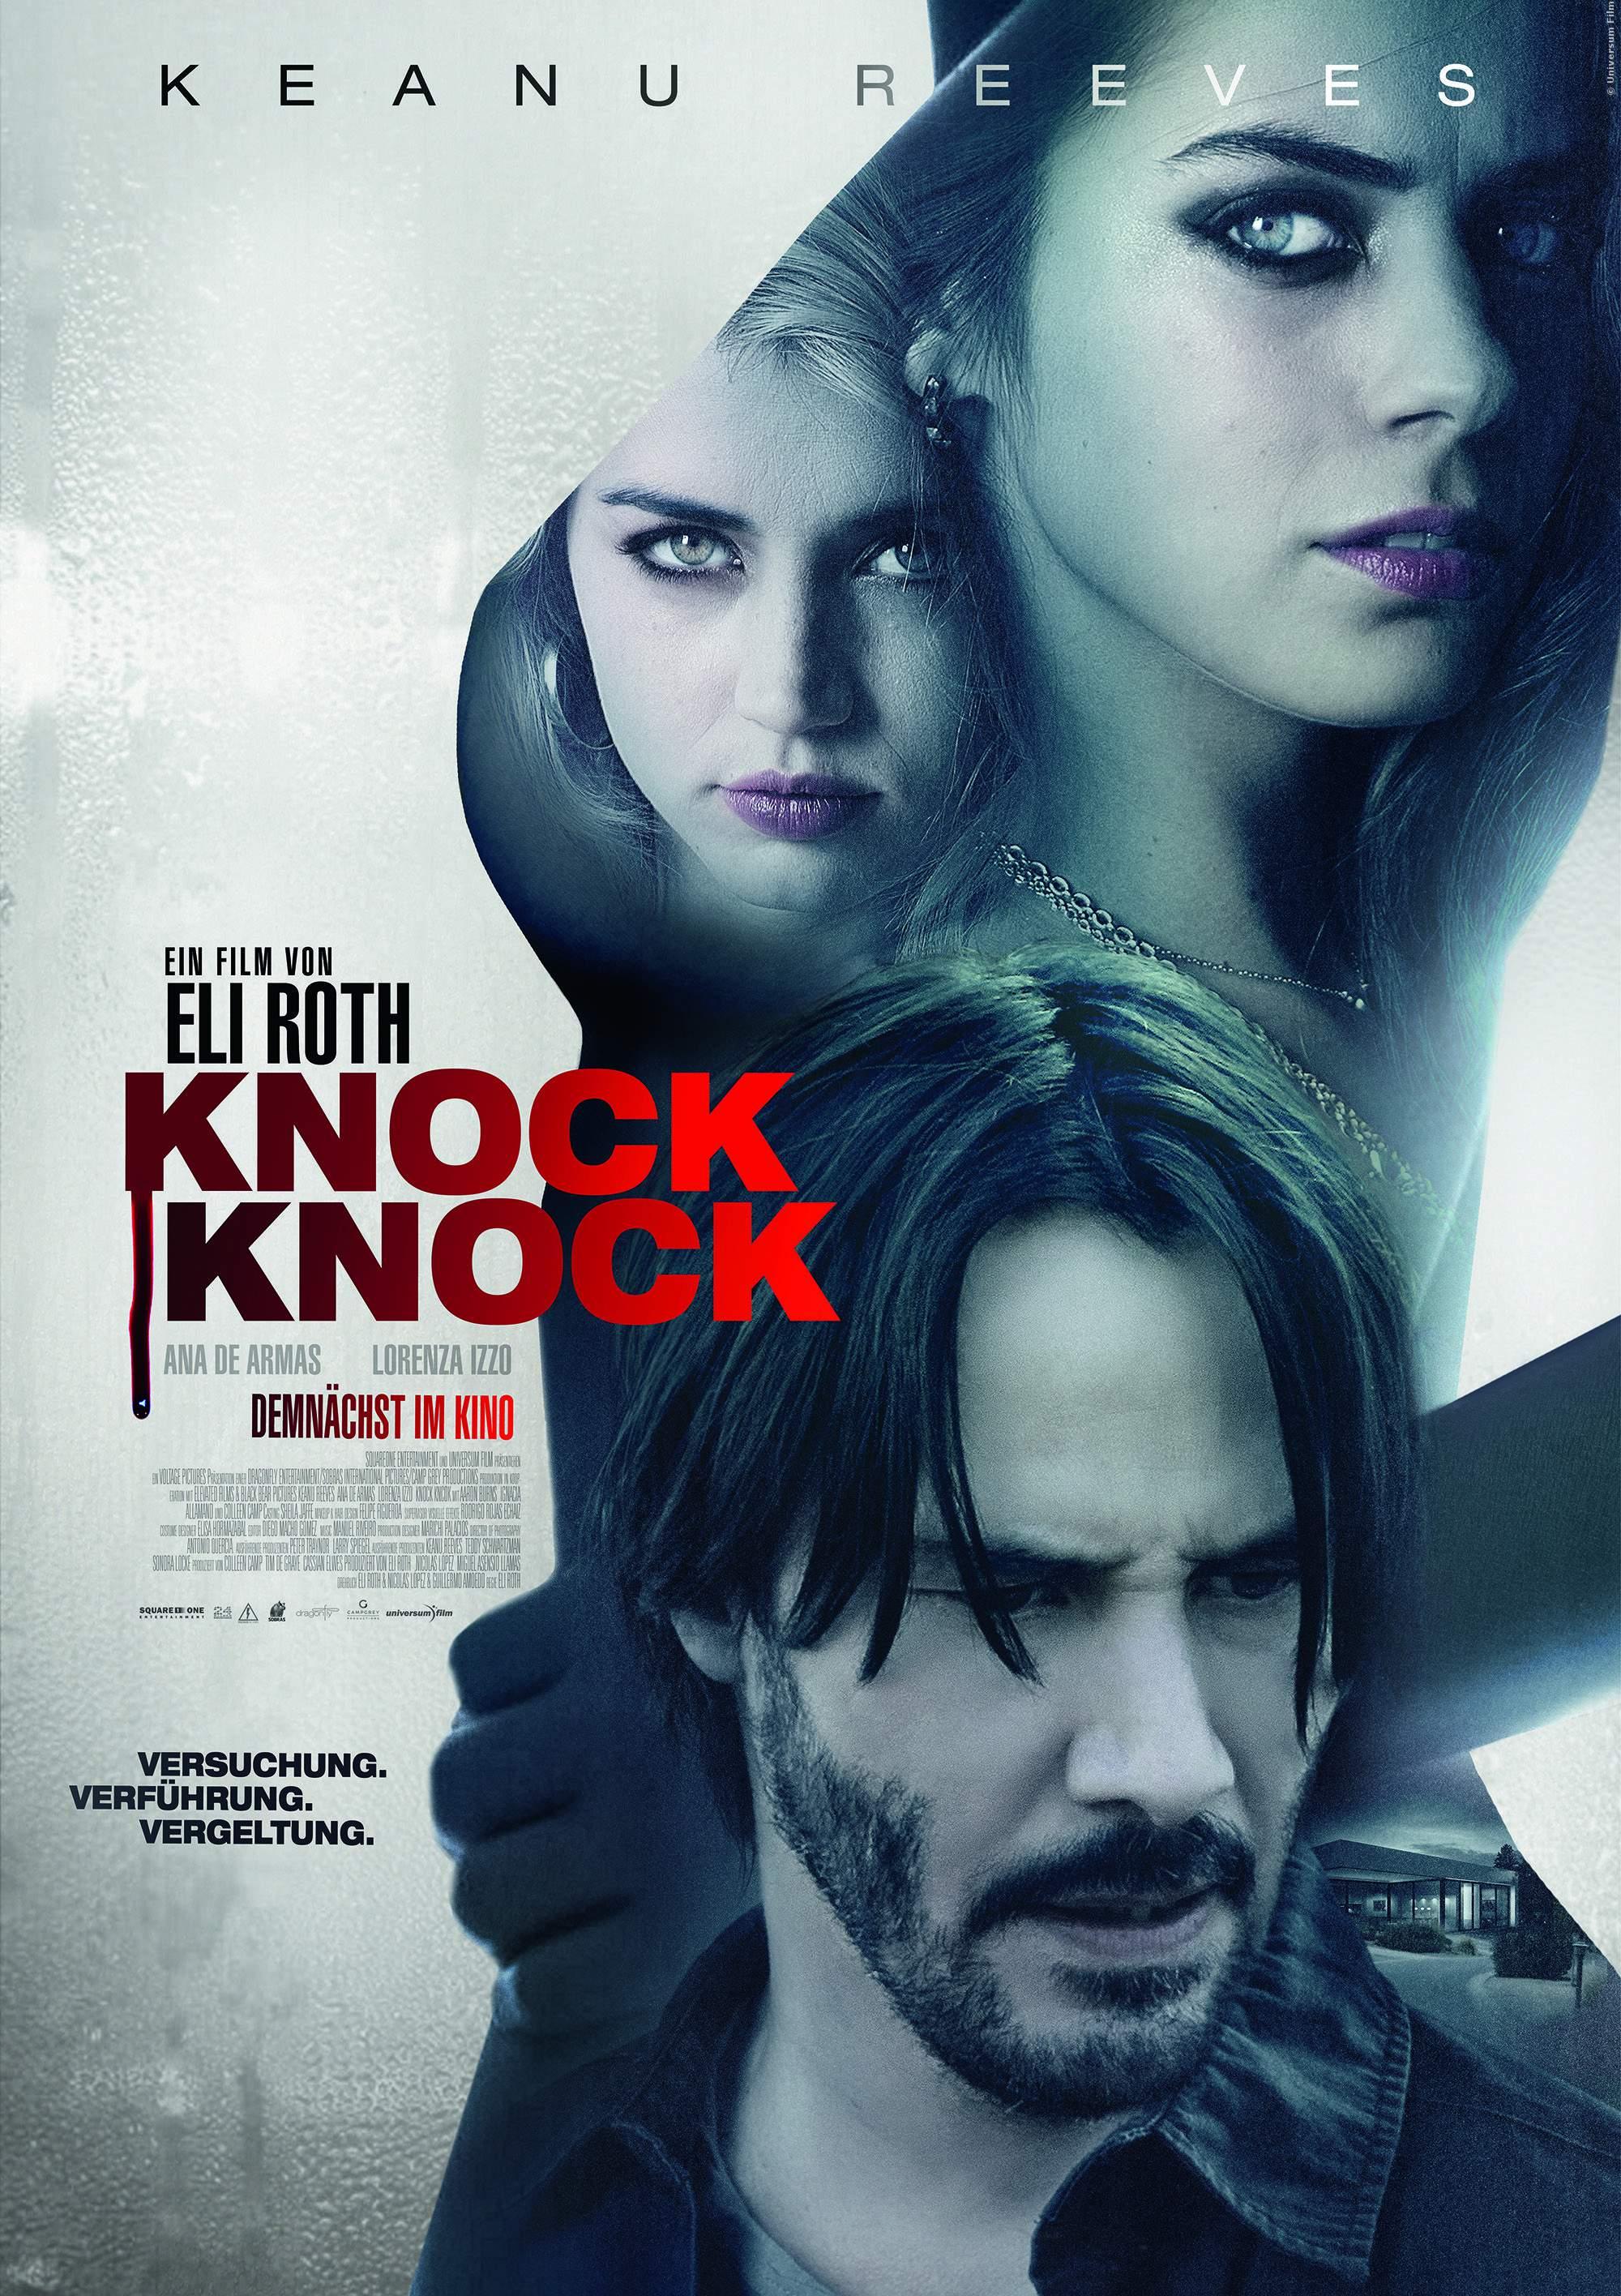 Knock Knock - Bild 1 von 6